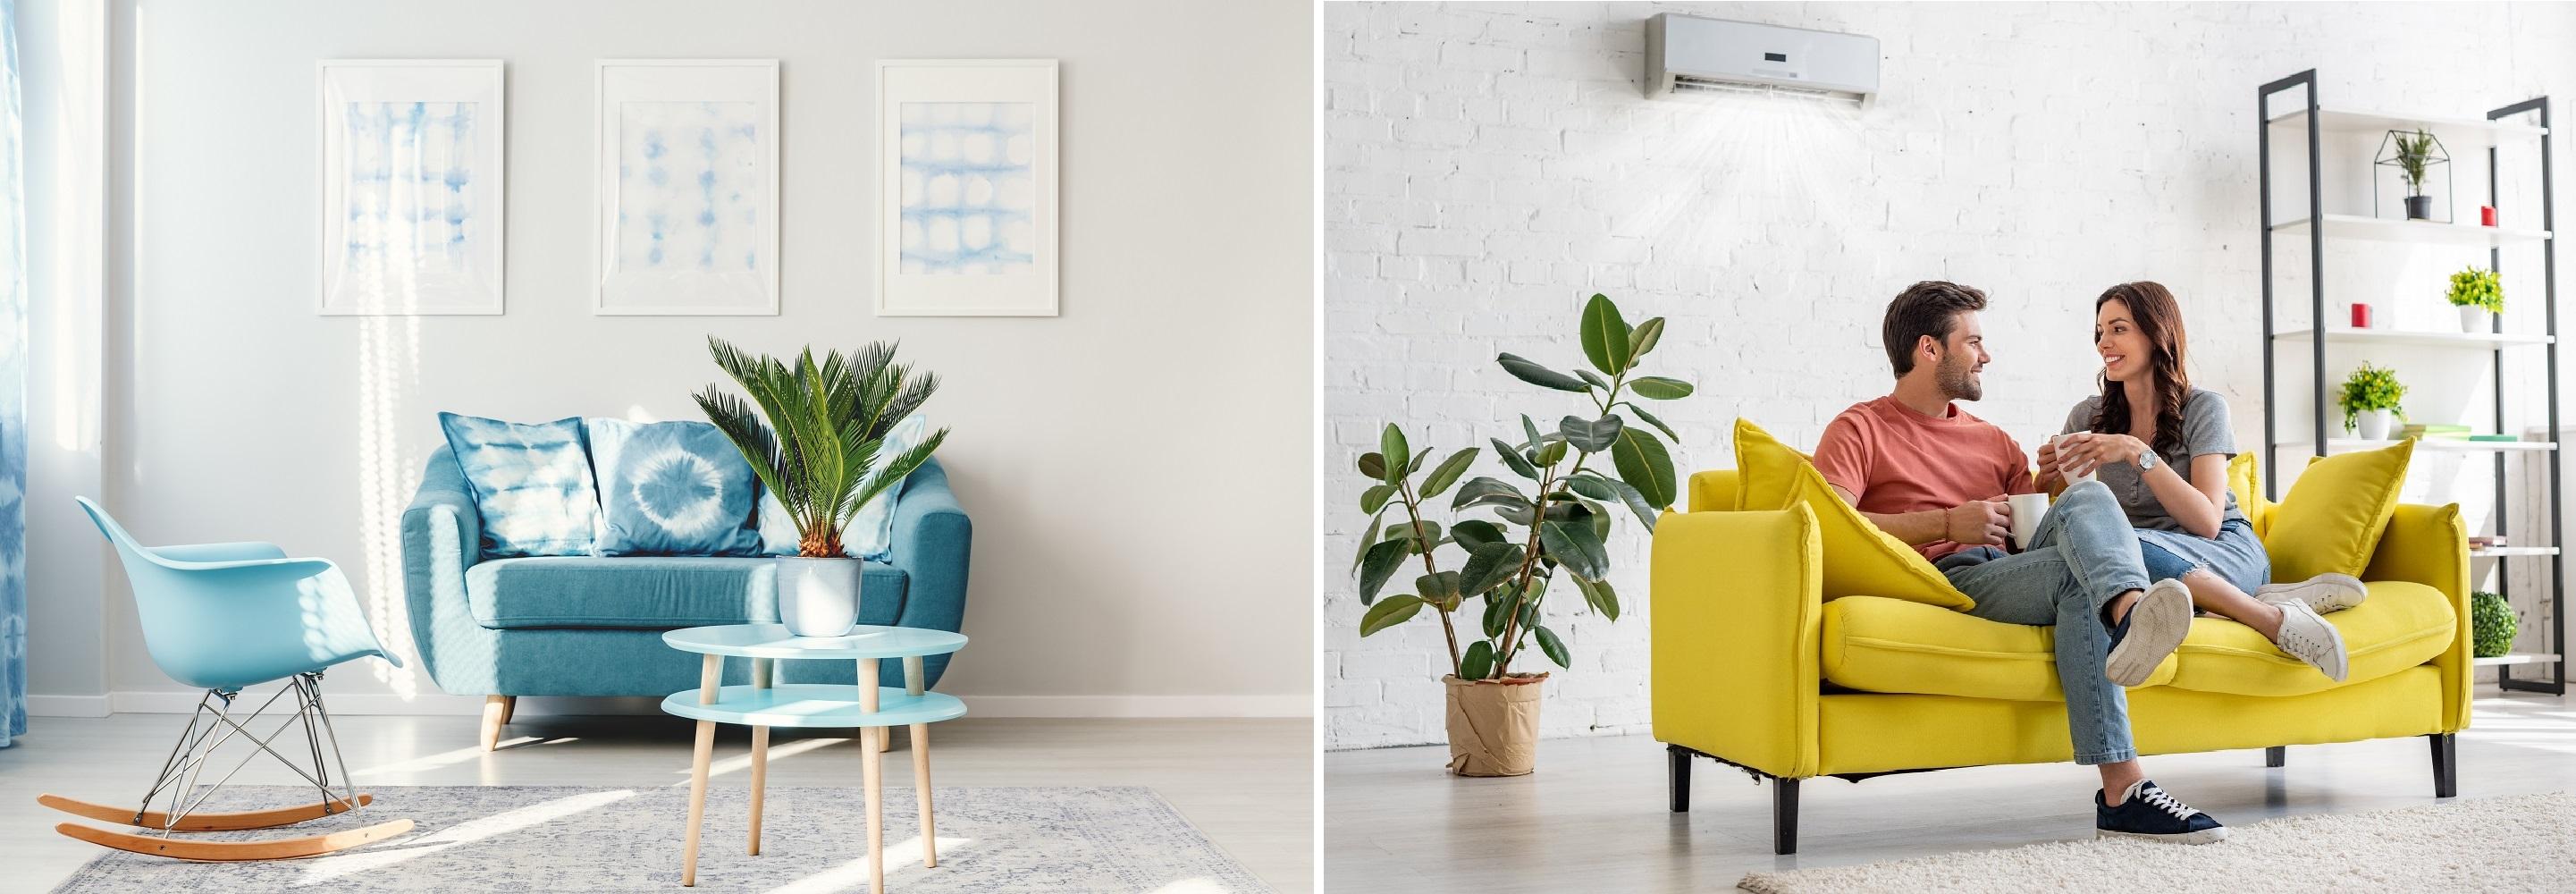 roślinne aranżacja w salonie 2 propozycje